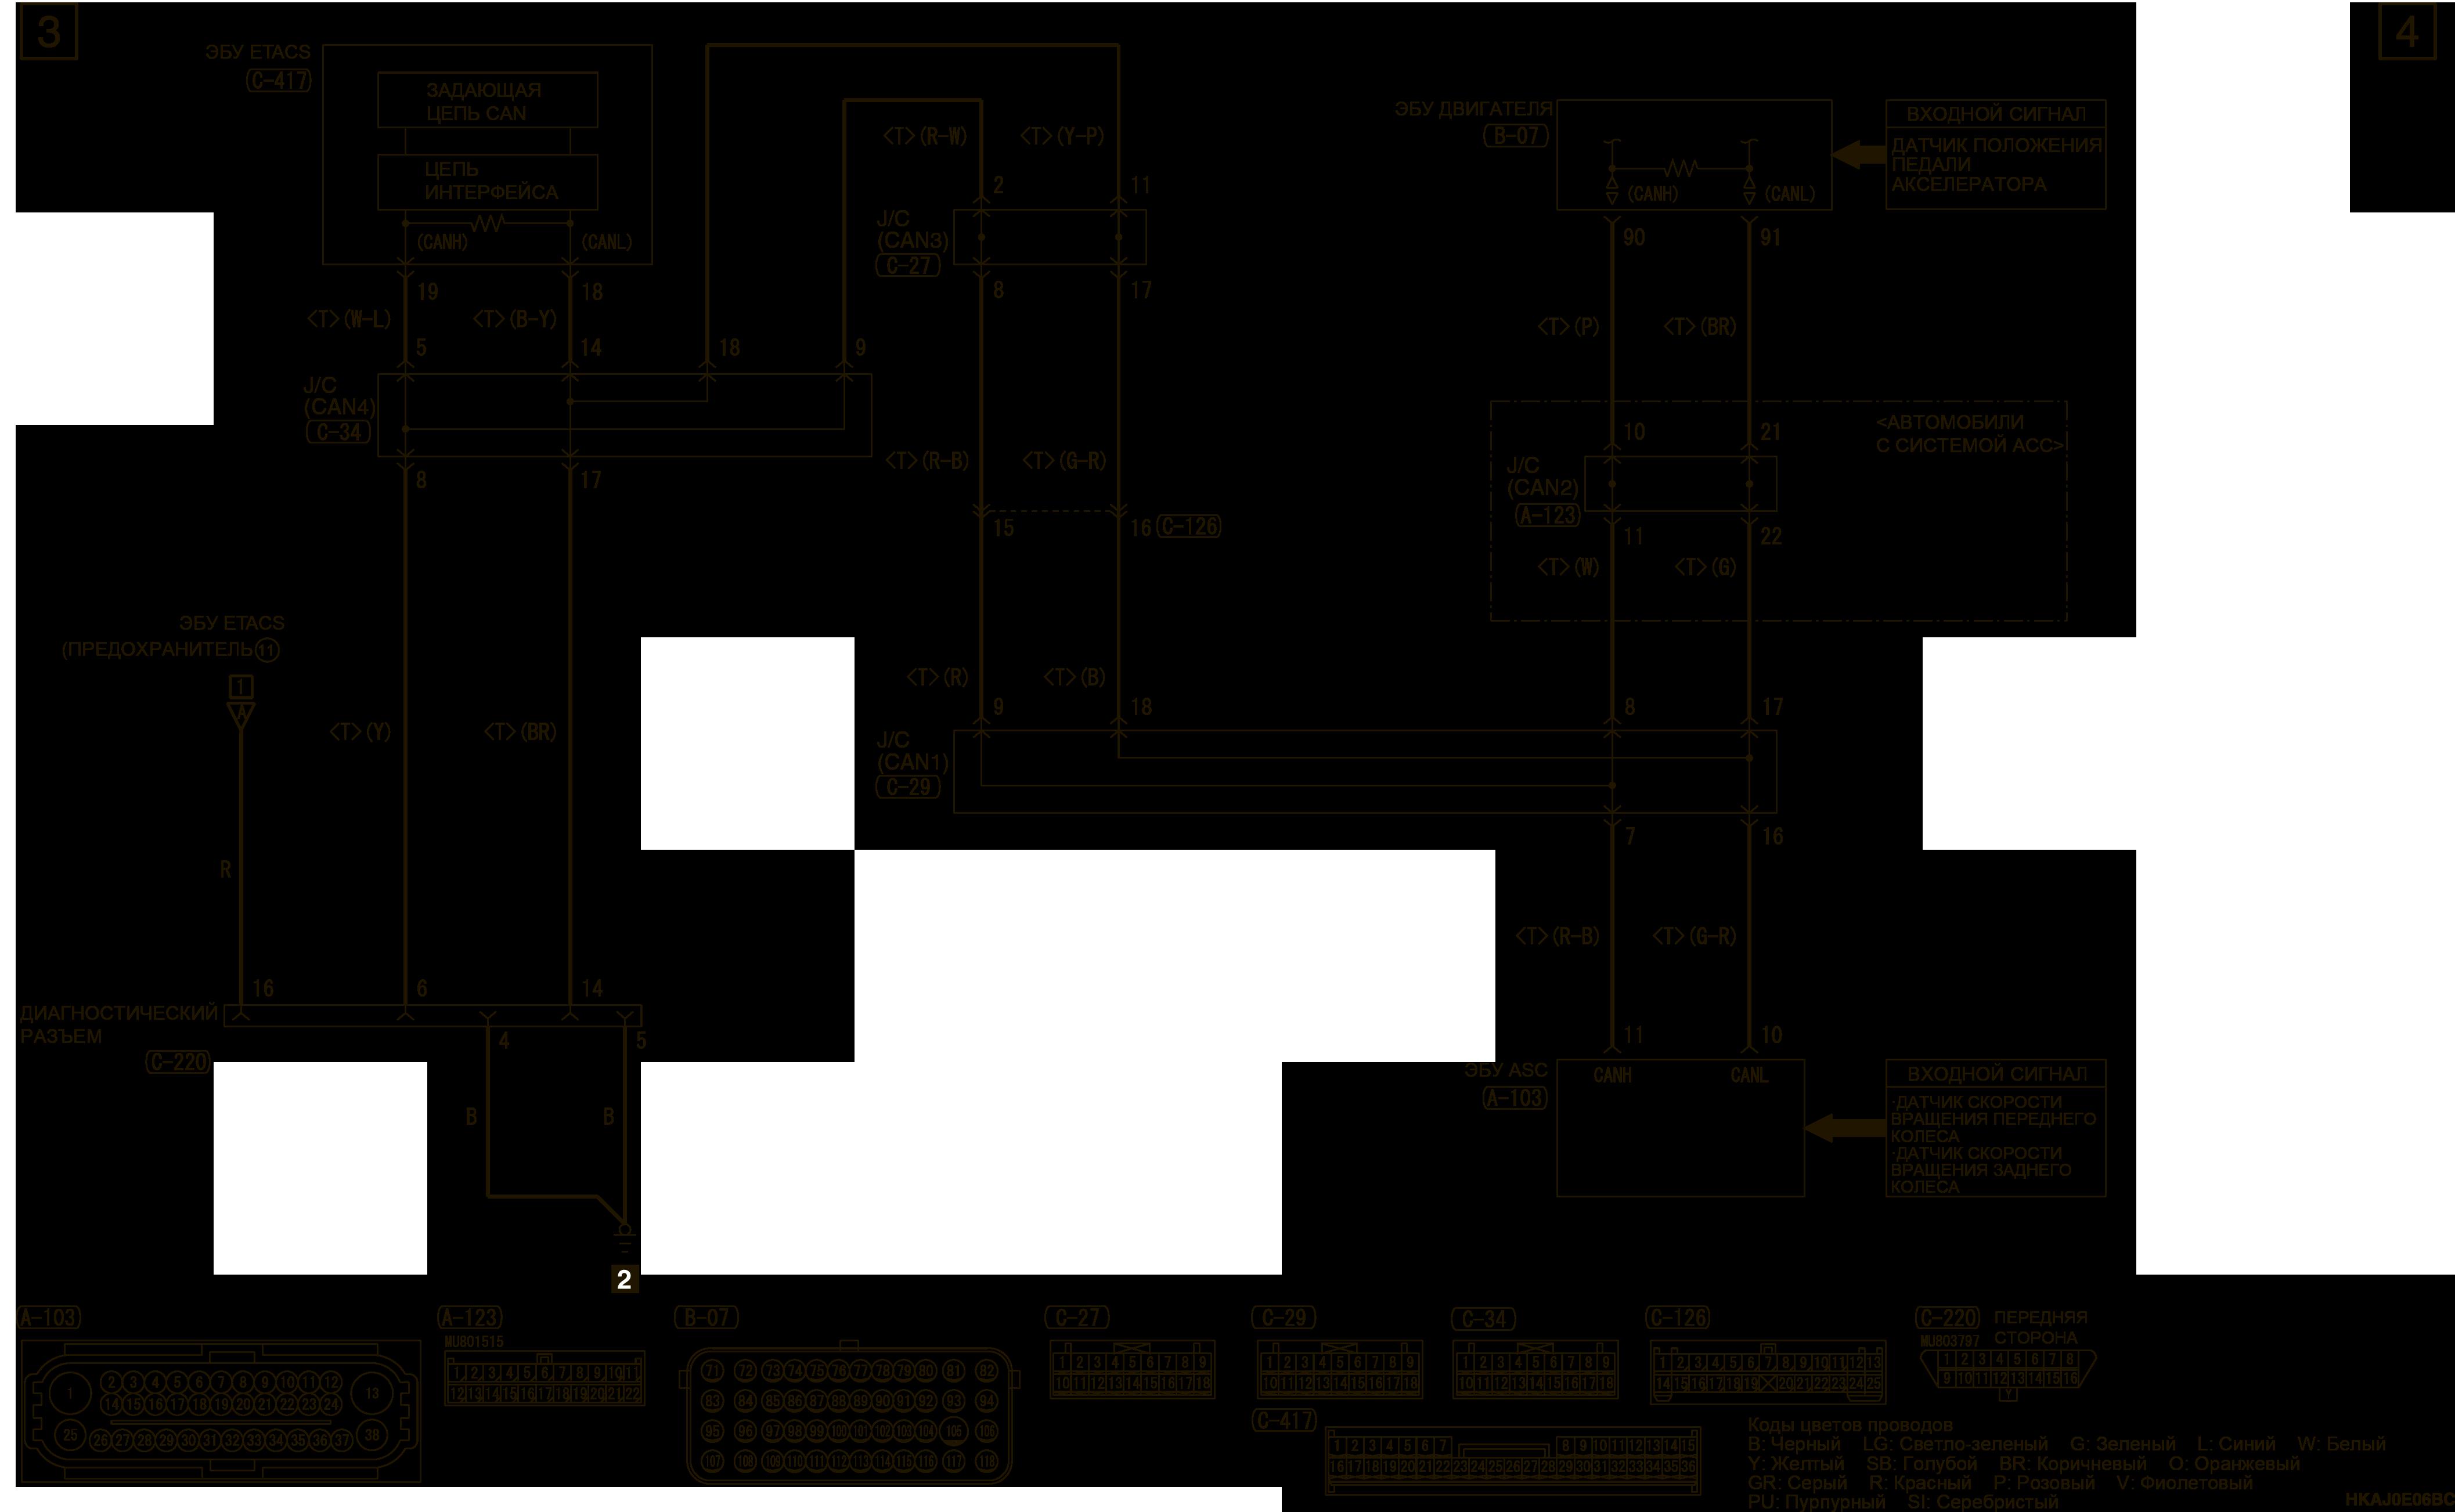 mmc аутлендер 3 2019 электросхемаСИСТЕМА АВТОМАТИЧЕСКОГО УПРАВЛЕНИЯ ОСЯМИ СВЕТА ФАР ПРАВОСТОРОННЕЕ УПРАВЛЕНИЕ